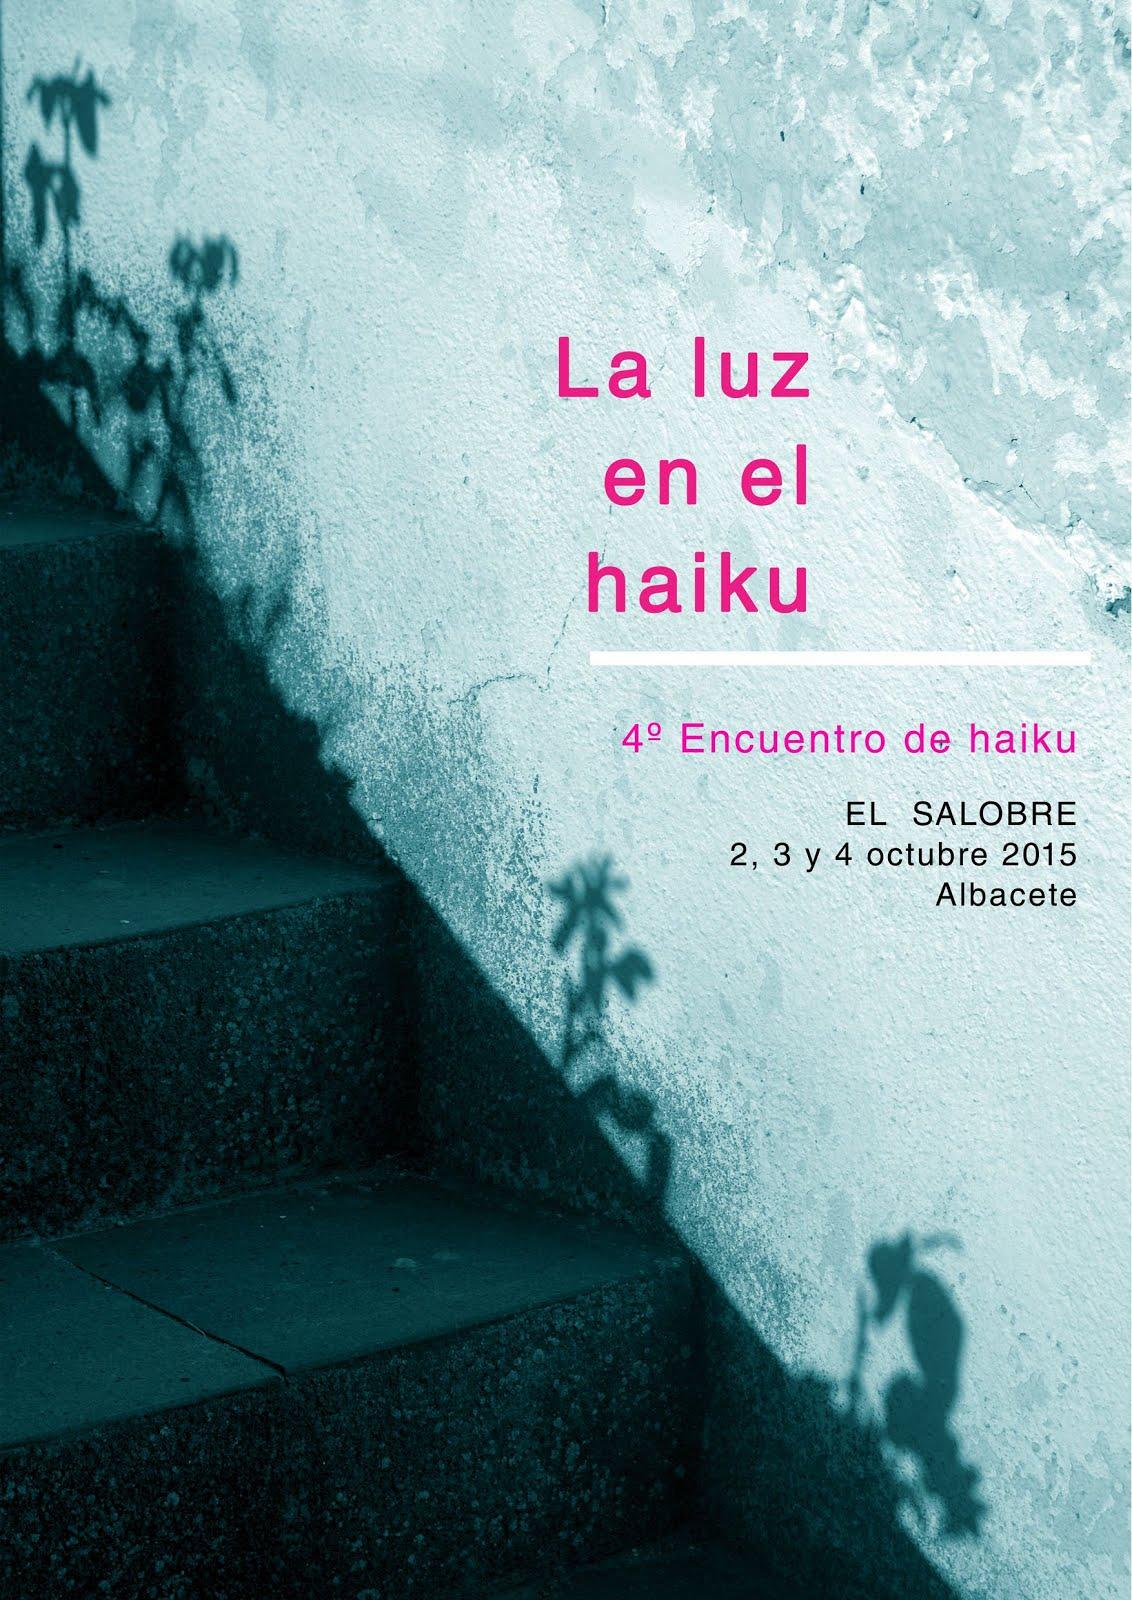 4º Encuentro de Haiku - El Salobre (Albacete) 2, 3 y 4 de octubre 2015